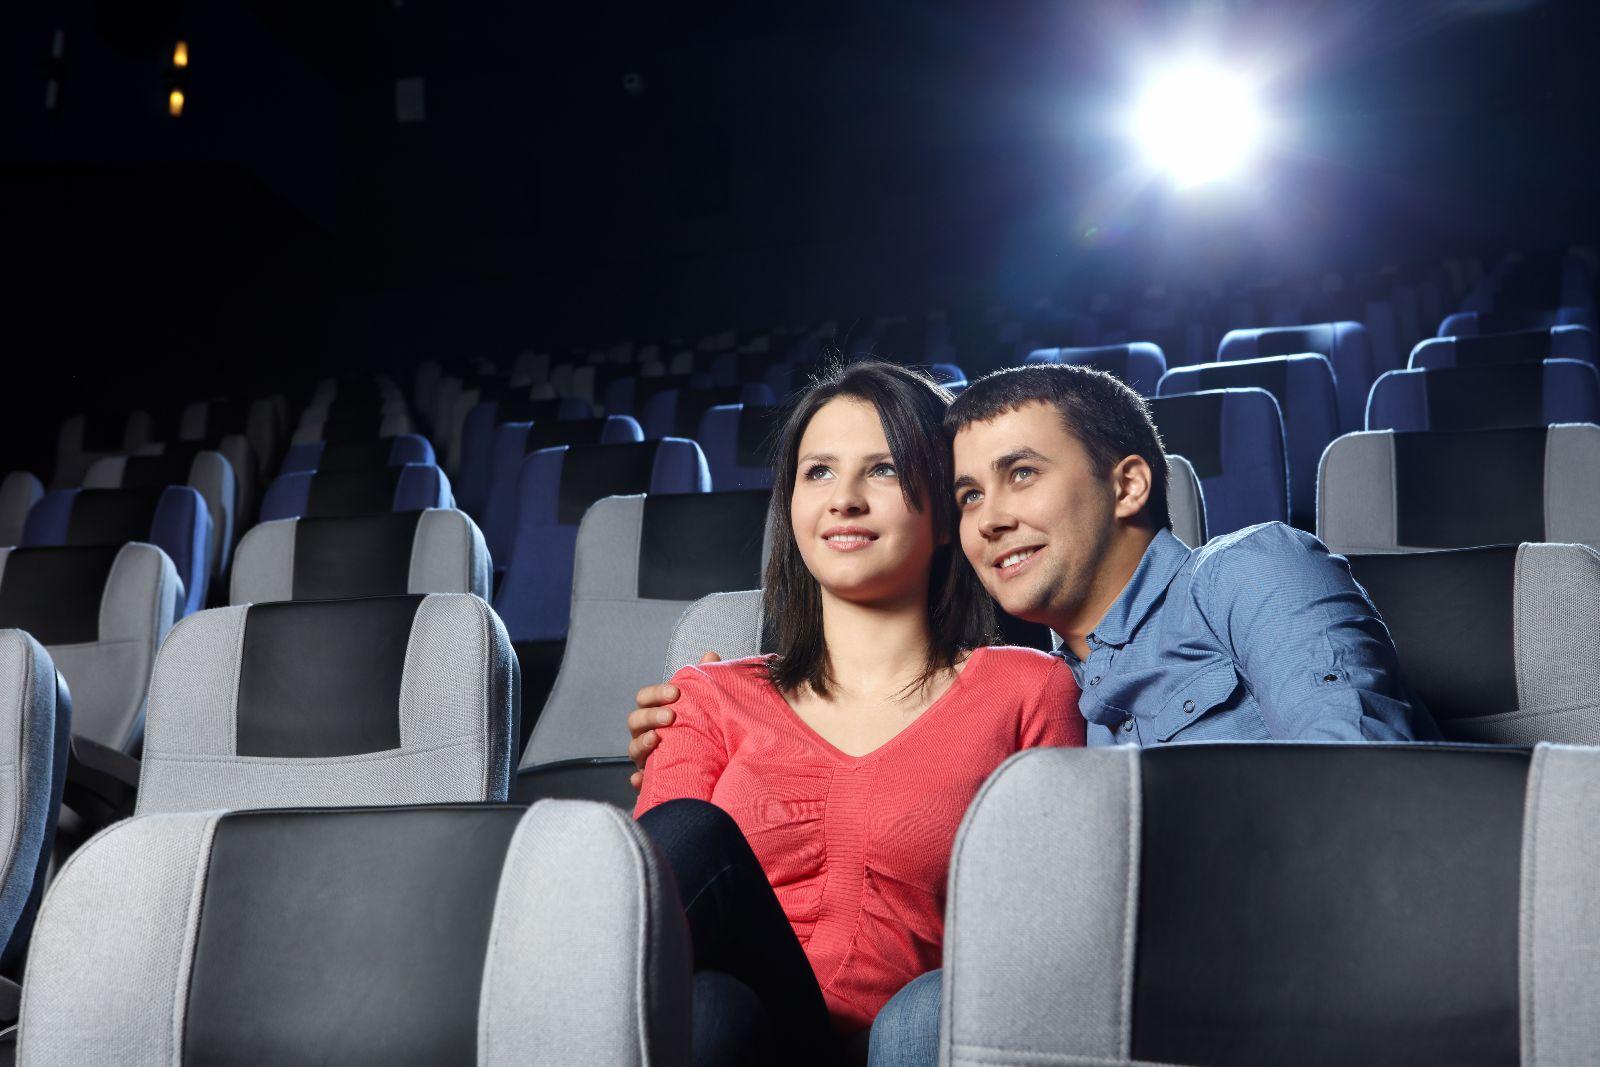 Pareja abrazandose sentados en asientos de cine